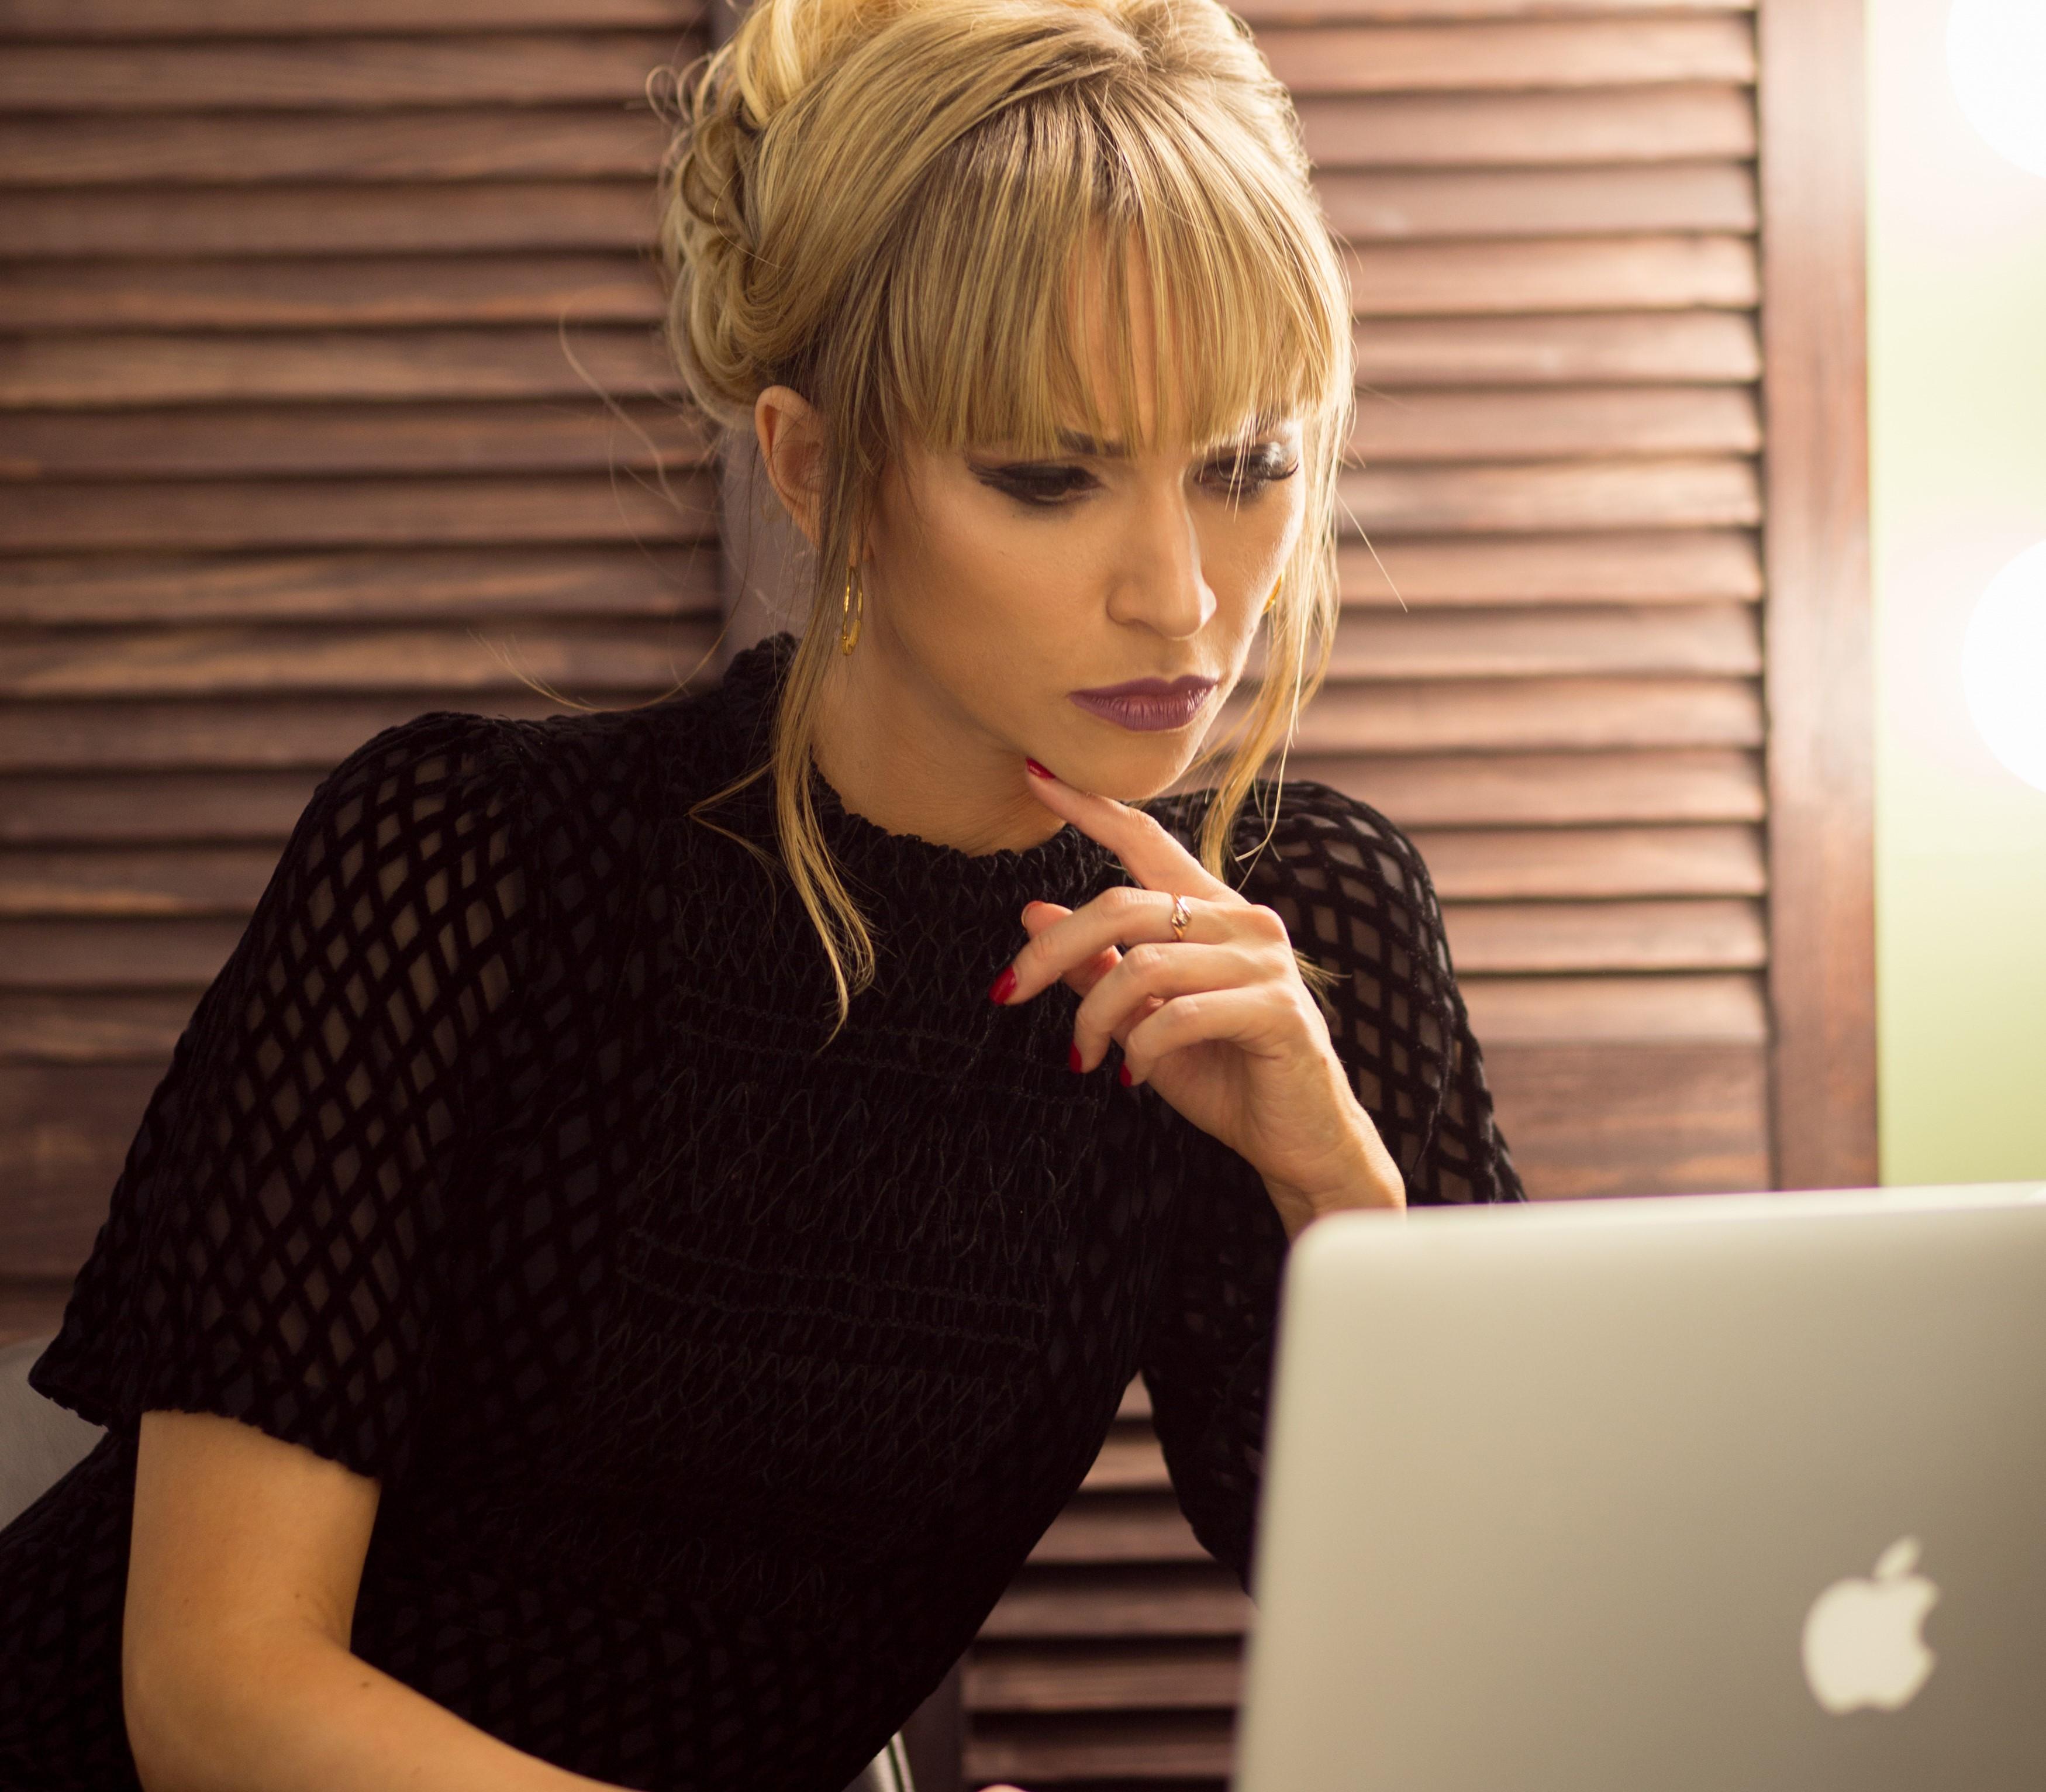 Инвестор и предприниматель Мария Деригина: в жизни я поняла, что деньги должны работать на тебя, а не наоборот